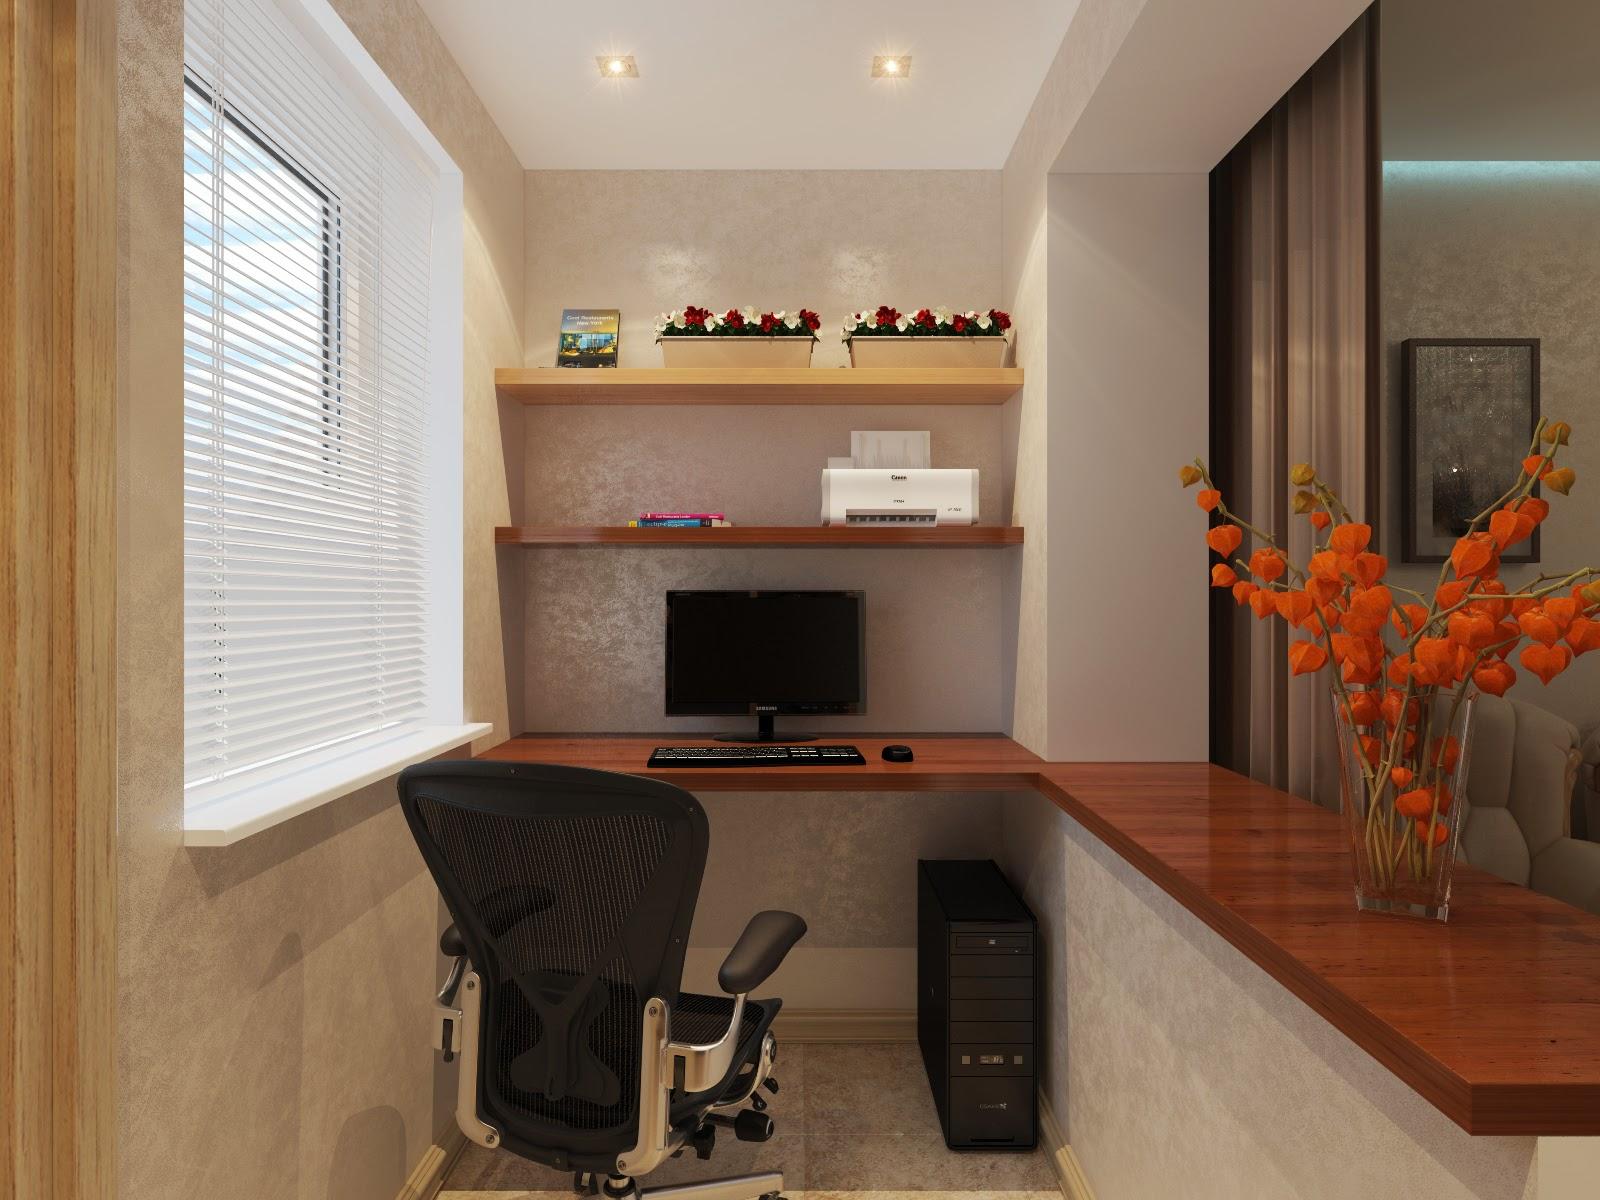 Гостиная с балконом - фото обзор лучших дизайнерских решений.